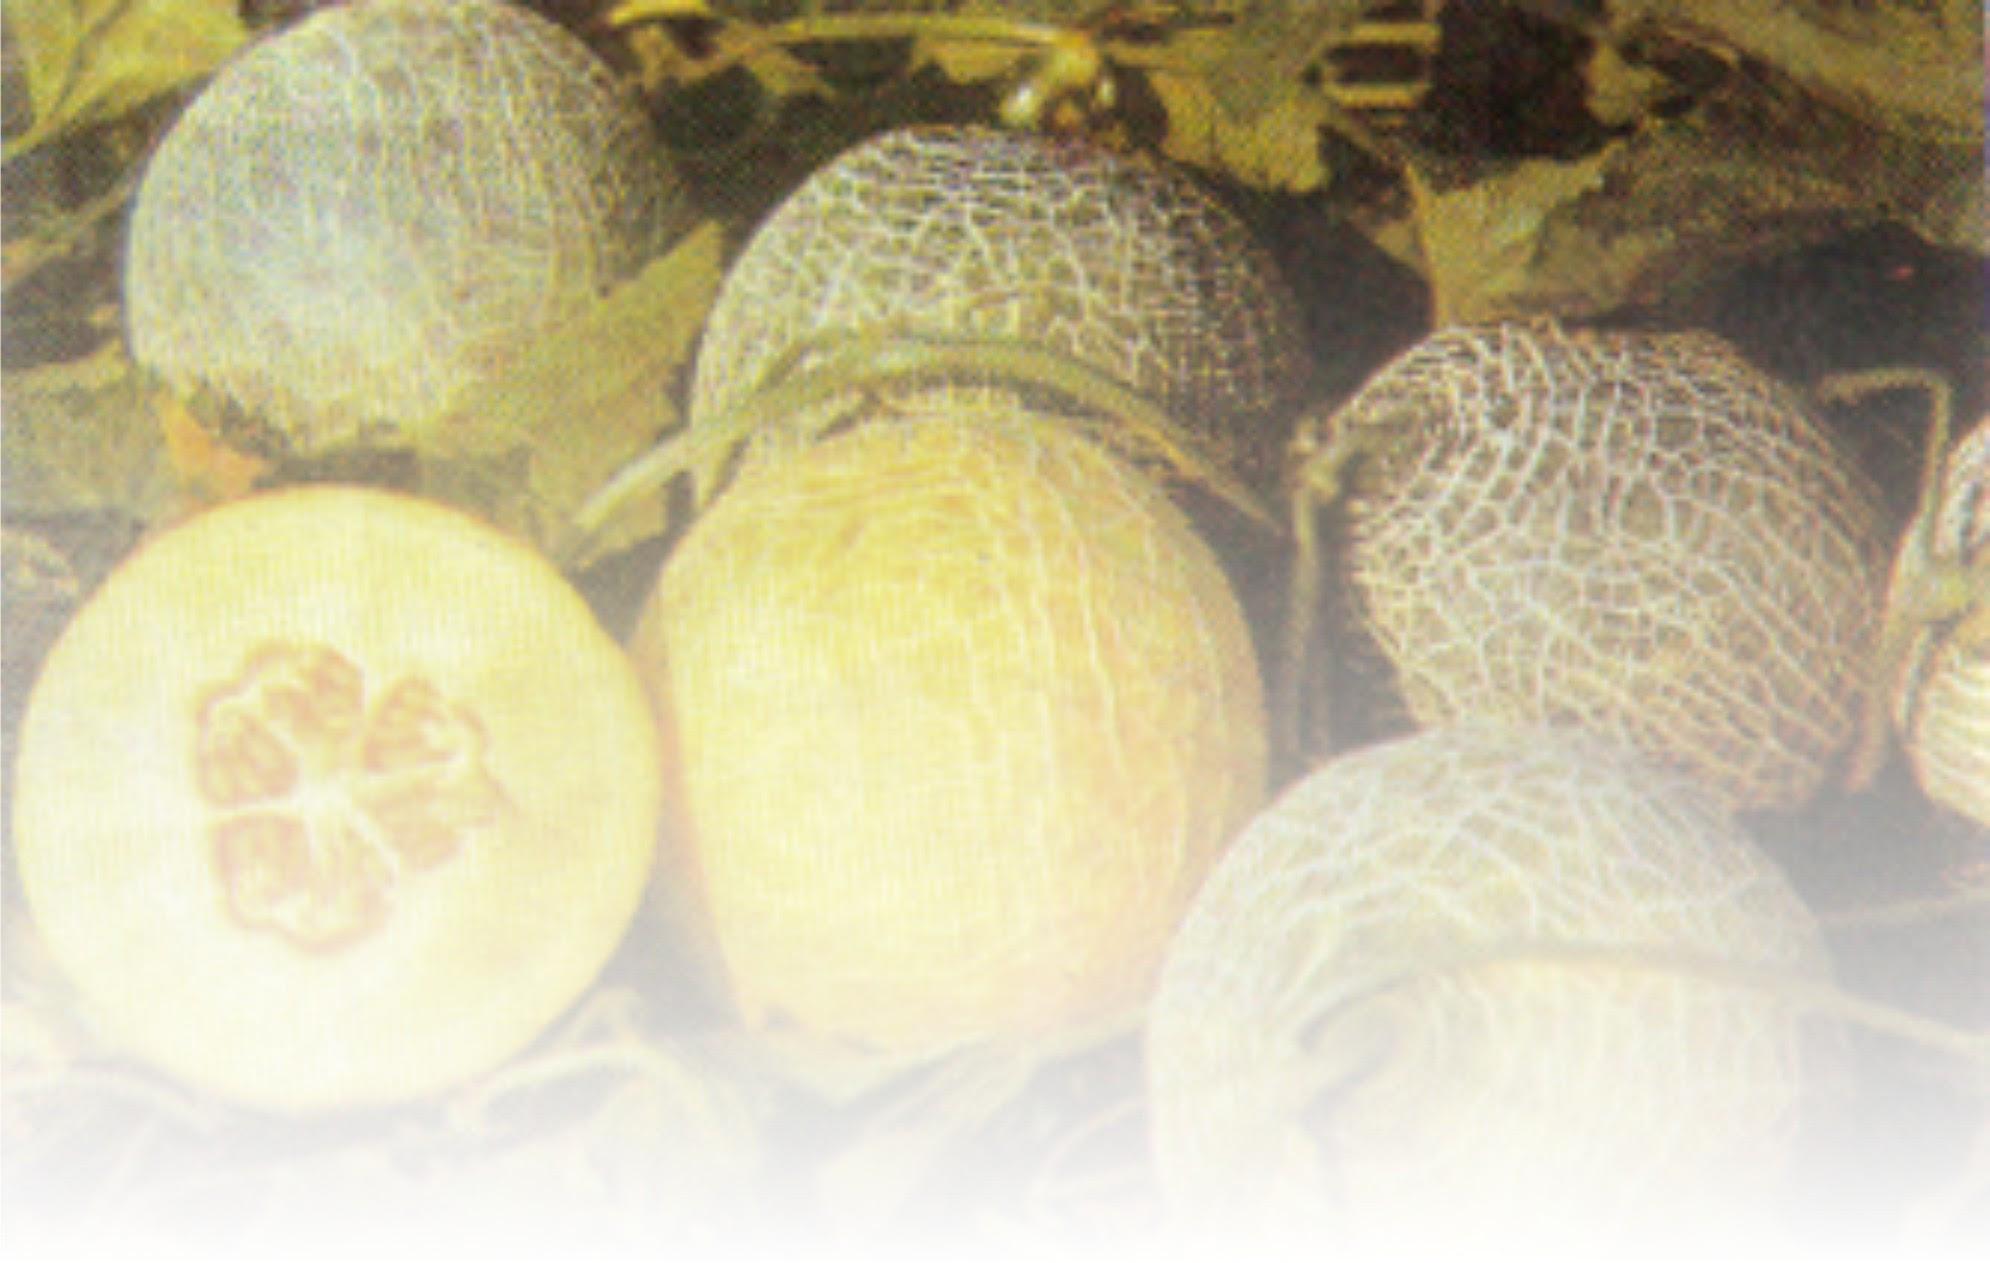 ARTIKEL TENTANG Agribisnis Melon